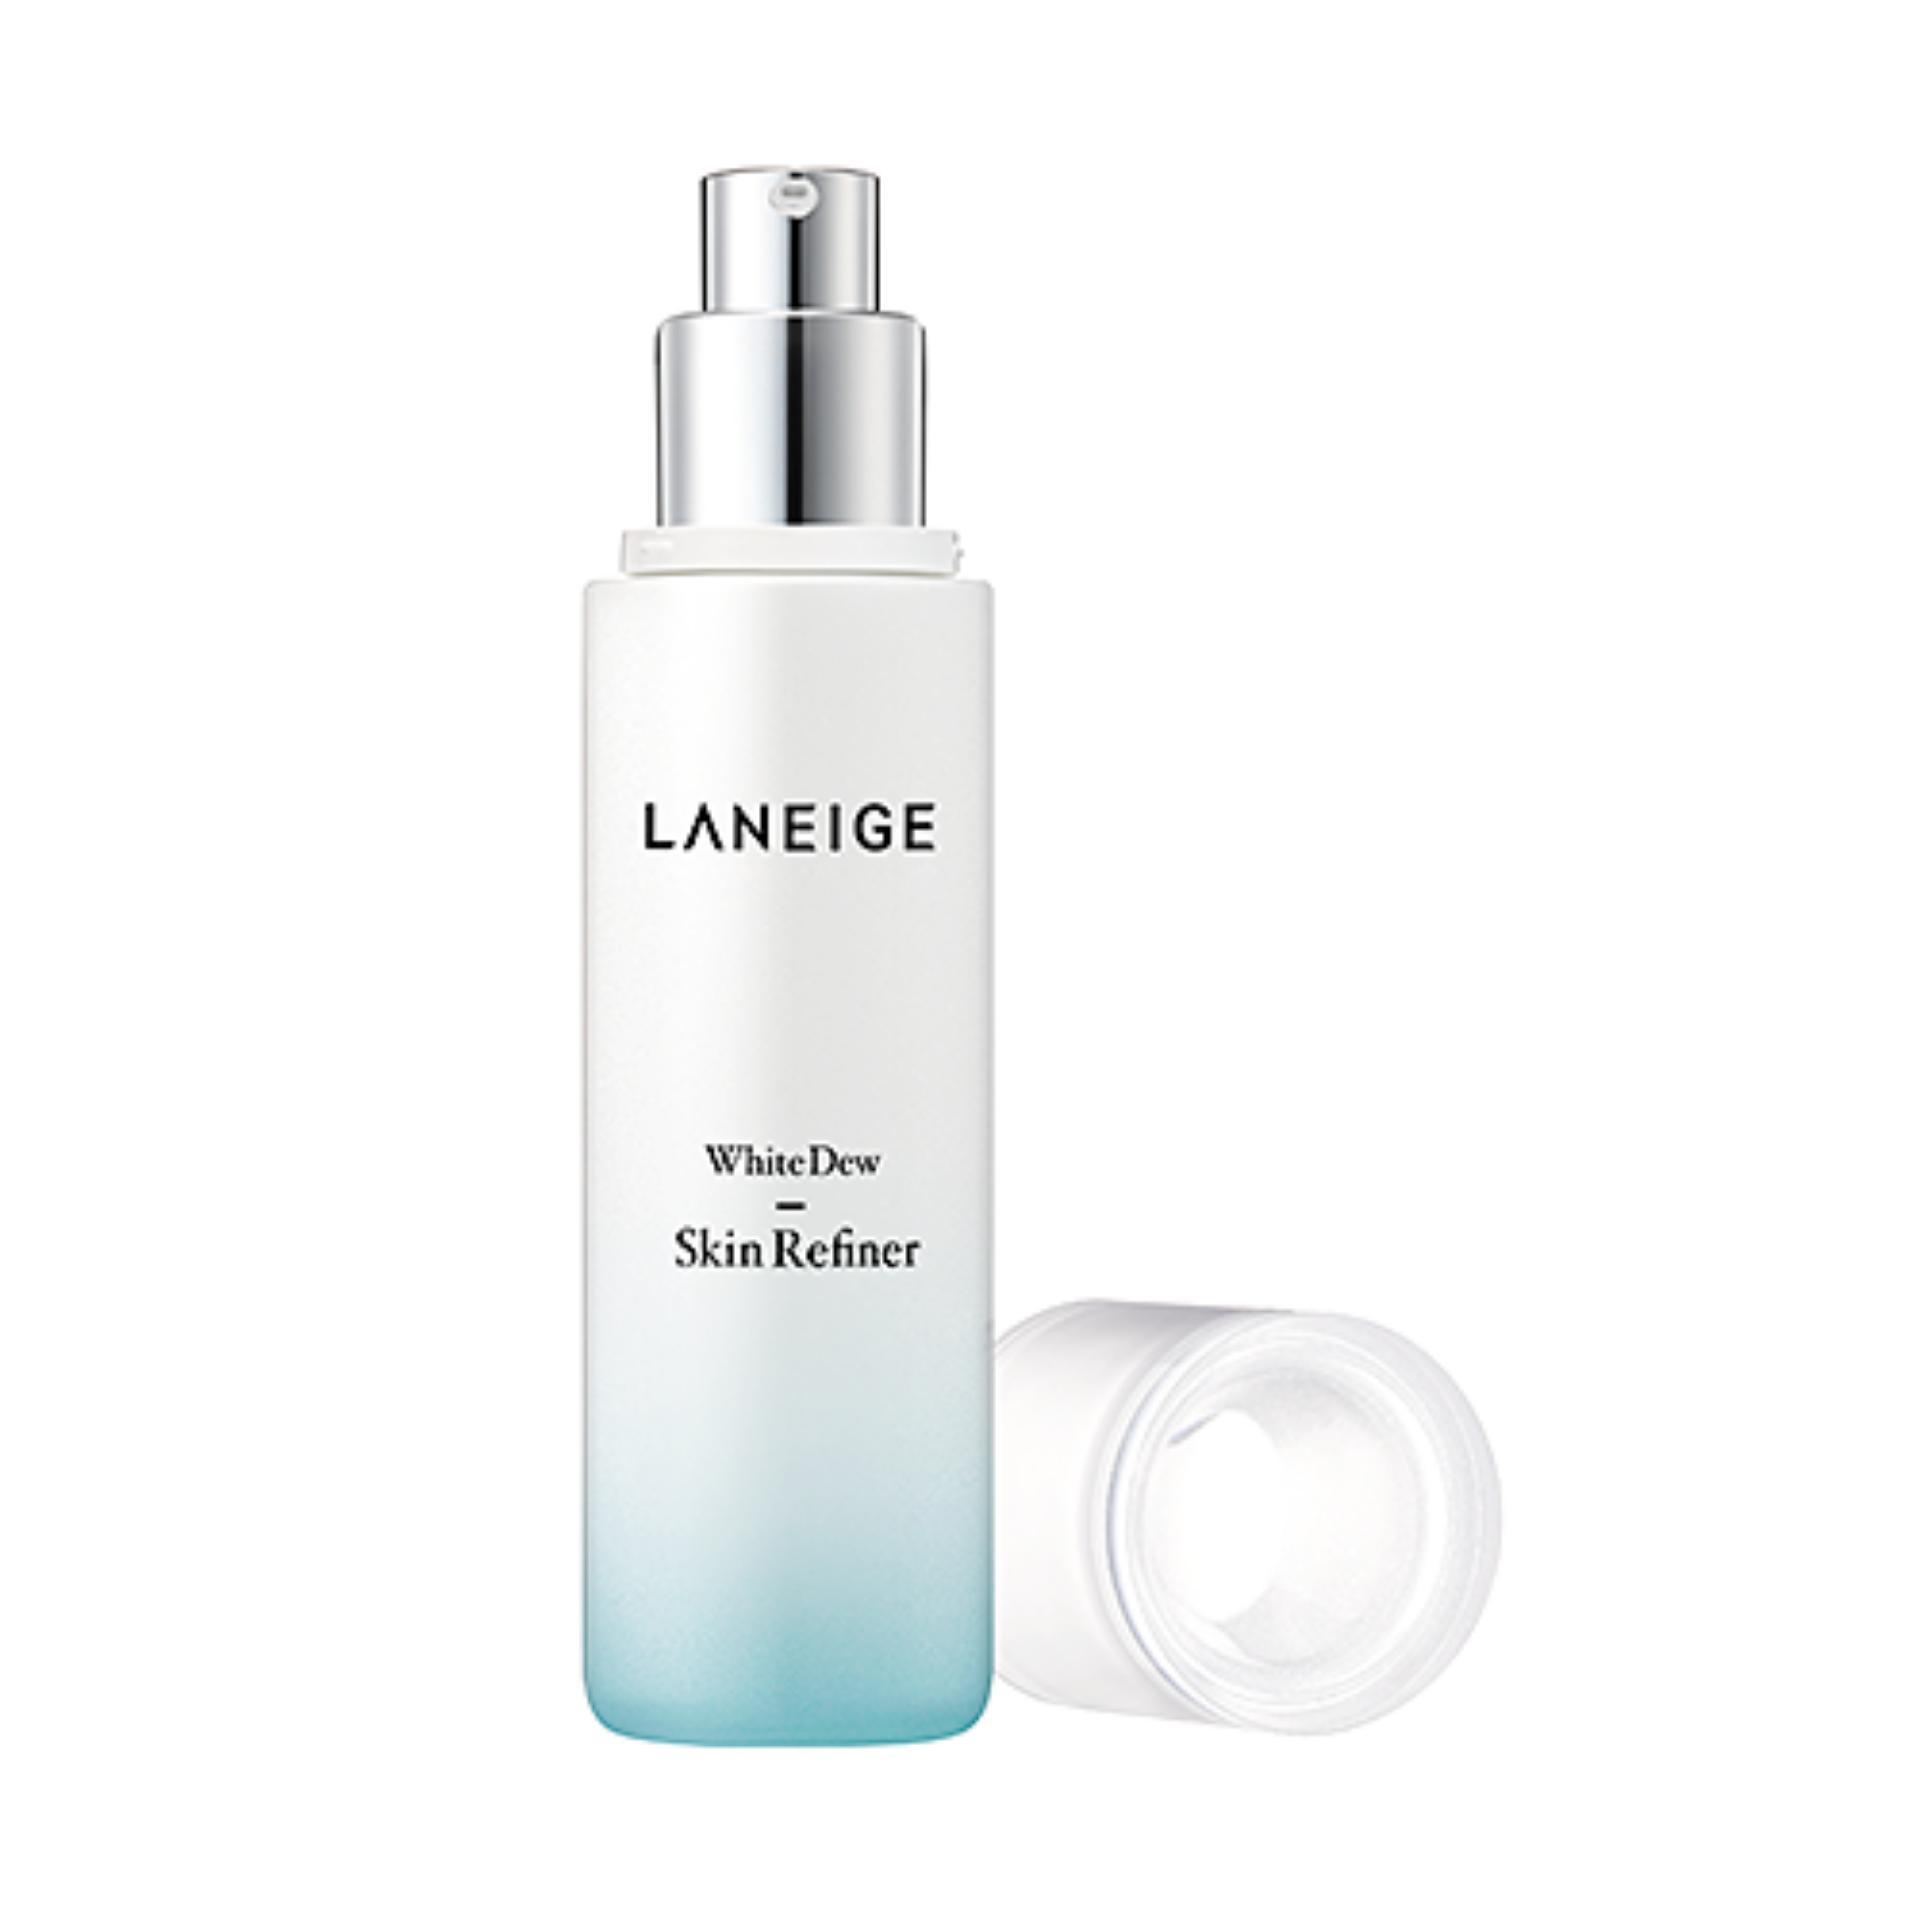 Buy Atomylaneige Serum Essence At Best Prices Online In Myanmar Laneige White Dew Ampoule Set Skin Refiner